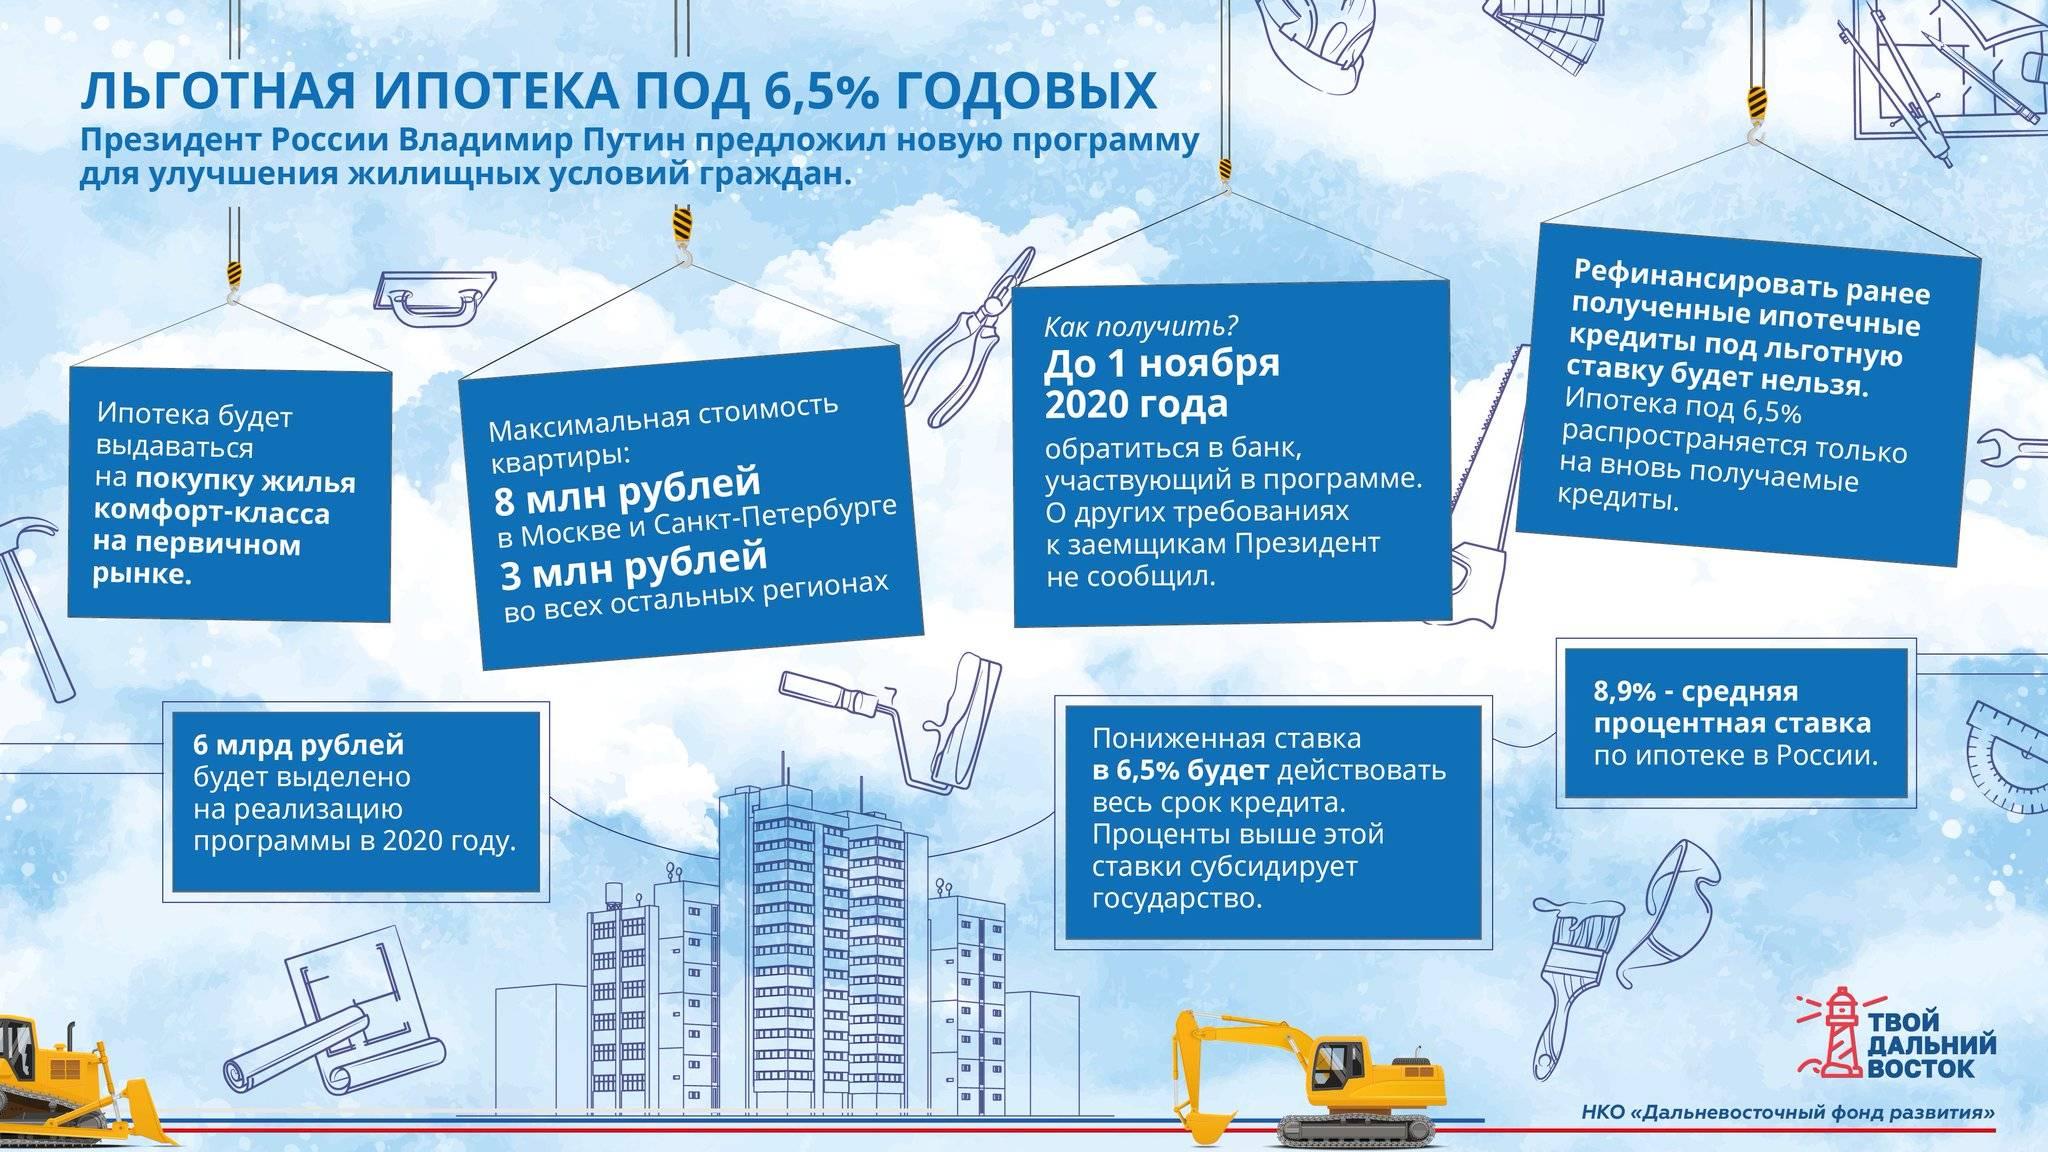 Ипотека для бюджетников в москве - 37 предложений в банках москвы - взять ипотеку бюджетнику